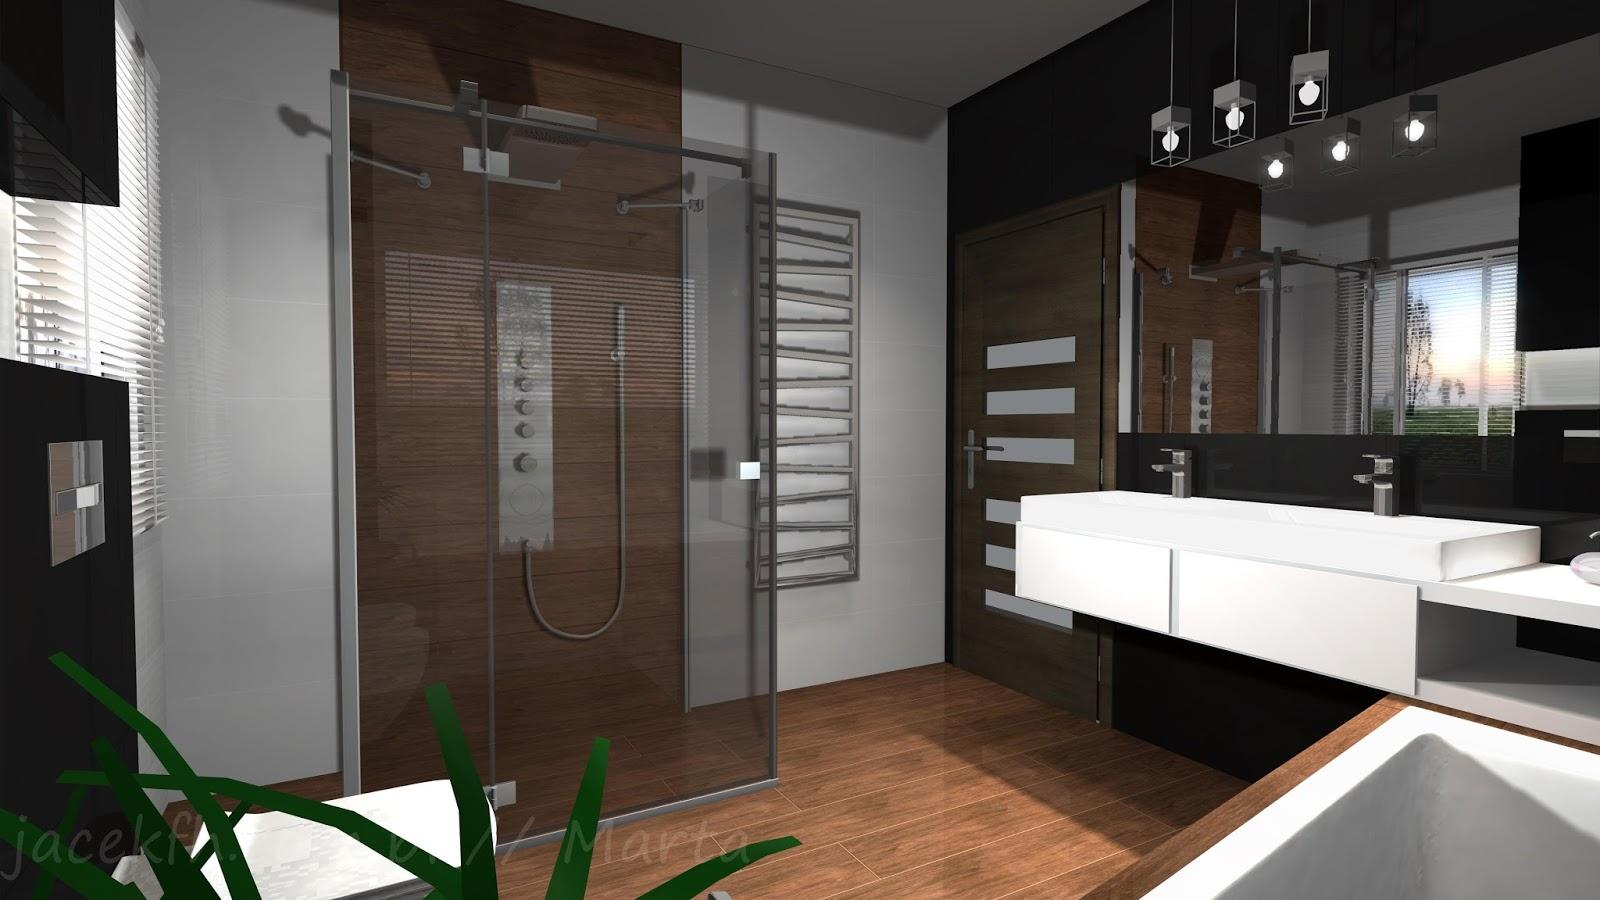 Projekty łazienek łazienka 89 M2